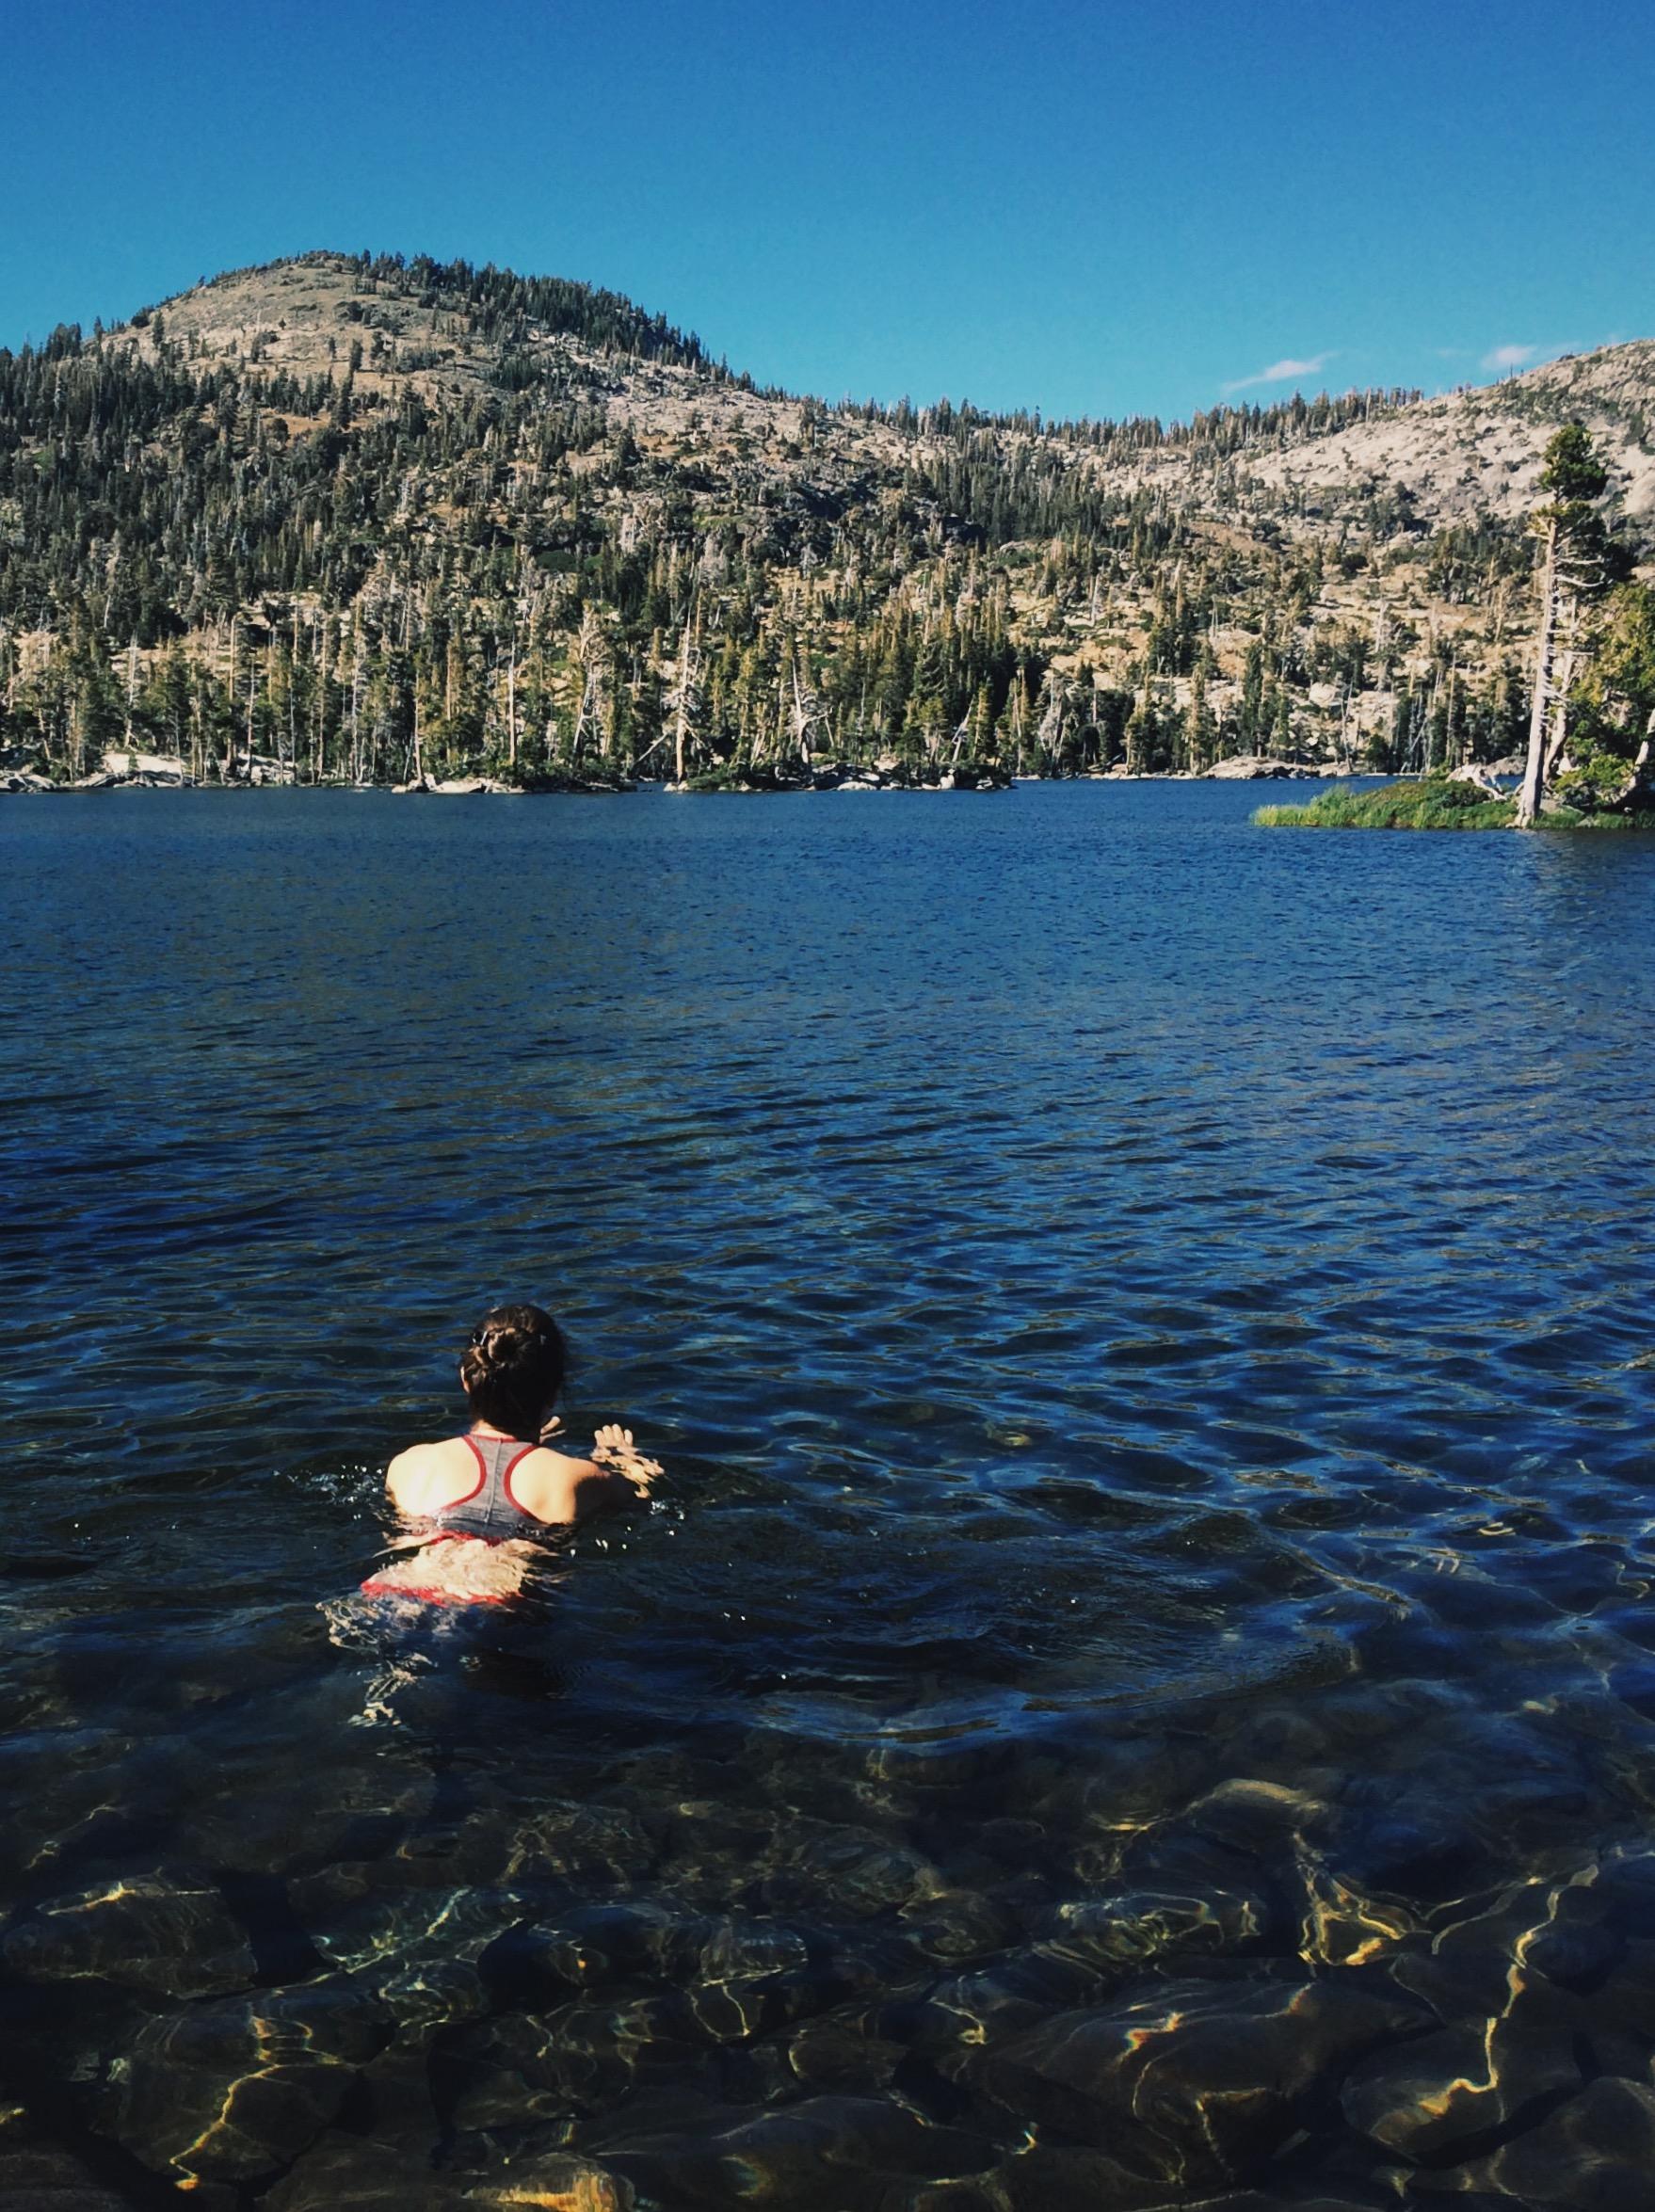 A brisk dip in Middle Velma Lake